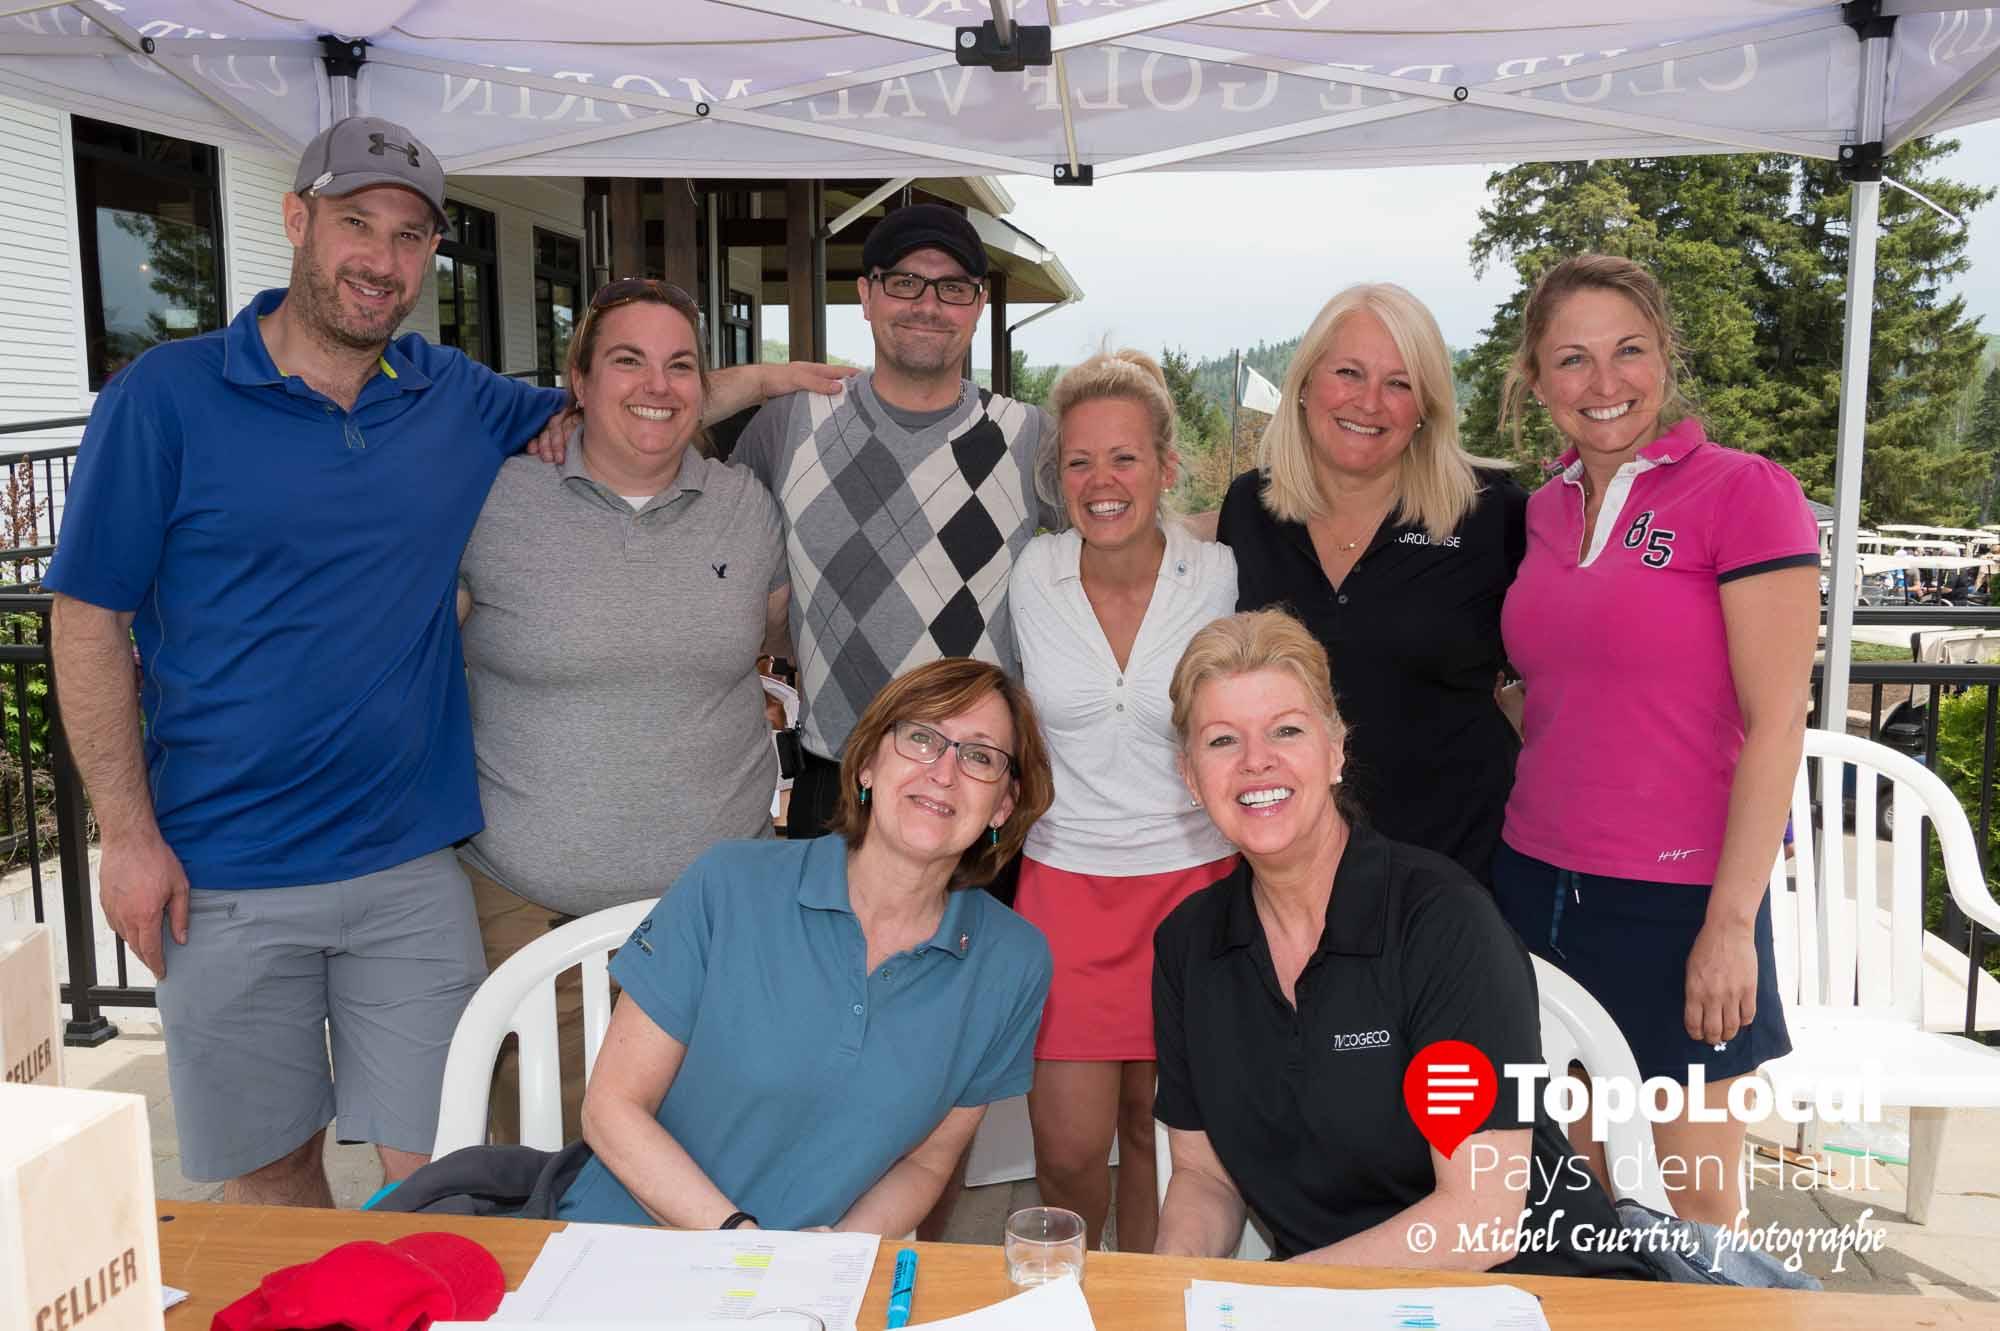 Voici le comité organisateur du tournoi de golf de la Chambre de Commerce de Sainte-Agathe qui avait lieu au club de golf Val-Morin dernièrement. Il s'agit de Pascal Comeau, Nadia Bédard, Carole McCann, Jean-François Blondin, Marie-Ève Chalifoux, France Gareau, Nathalie Dion et Sonia Giguère.